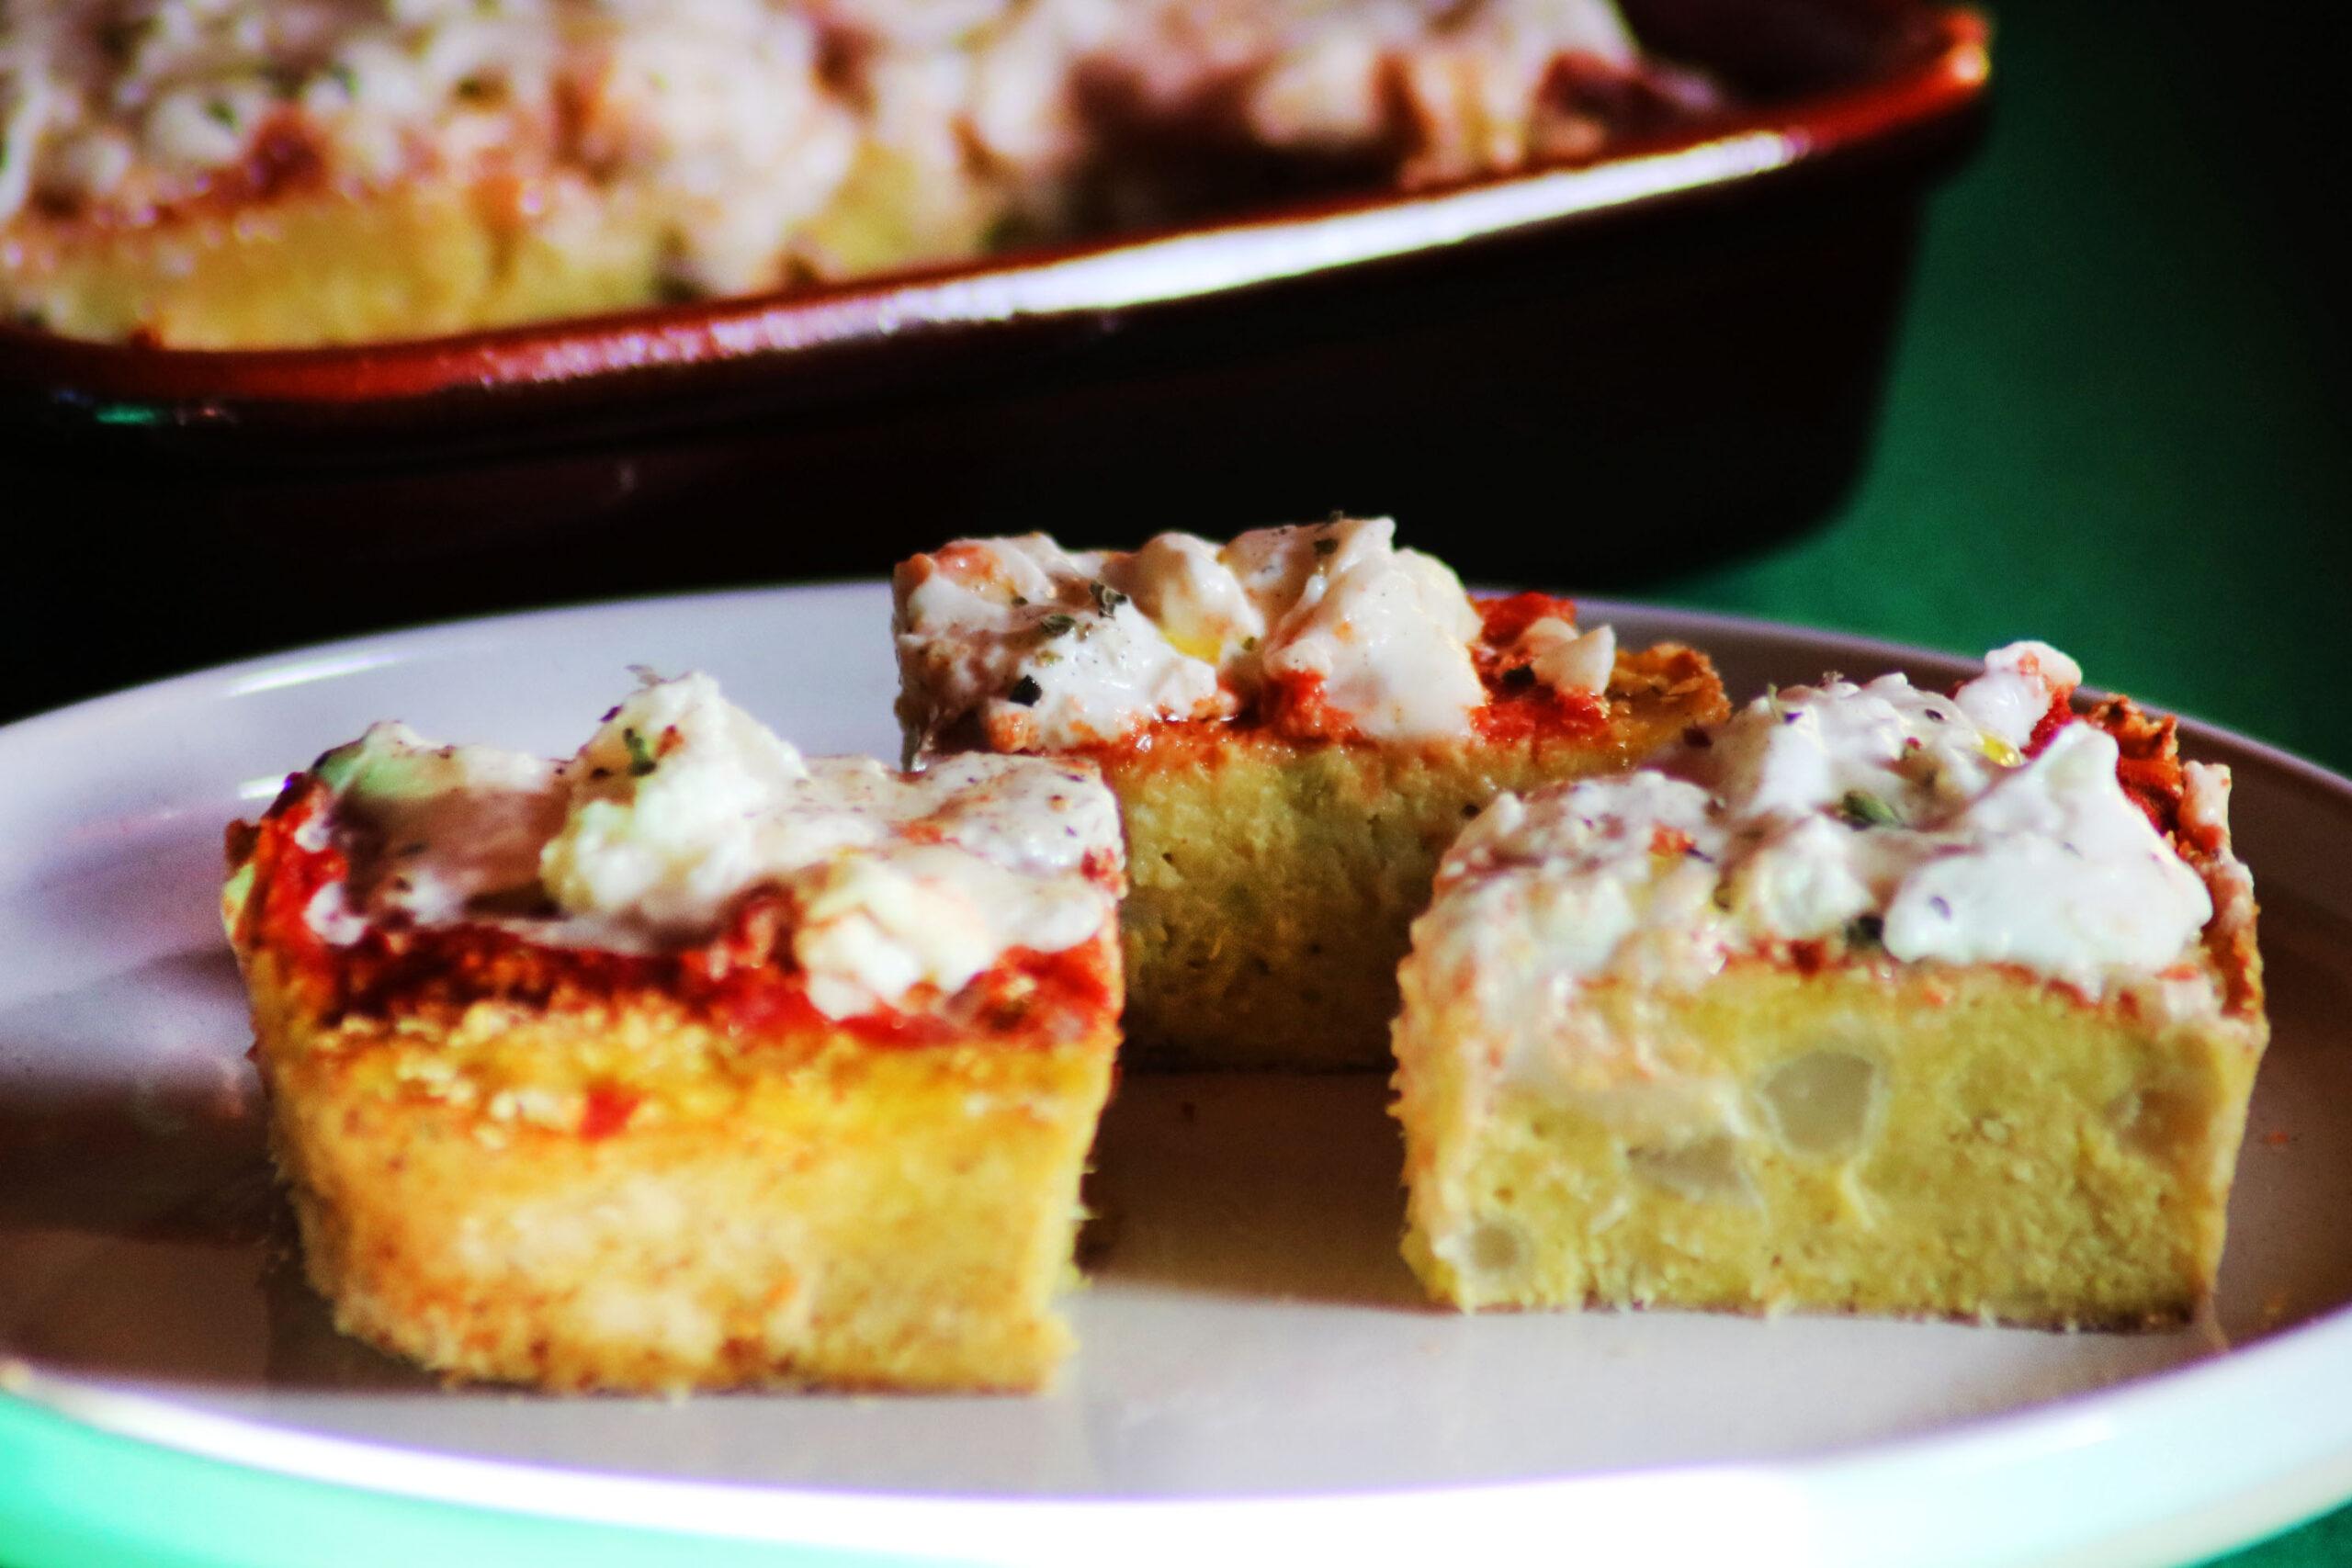 Pizza di broccolo con pomodoro e burratina